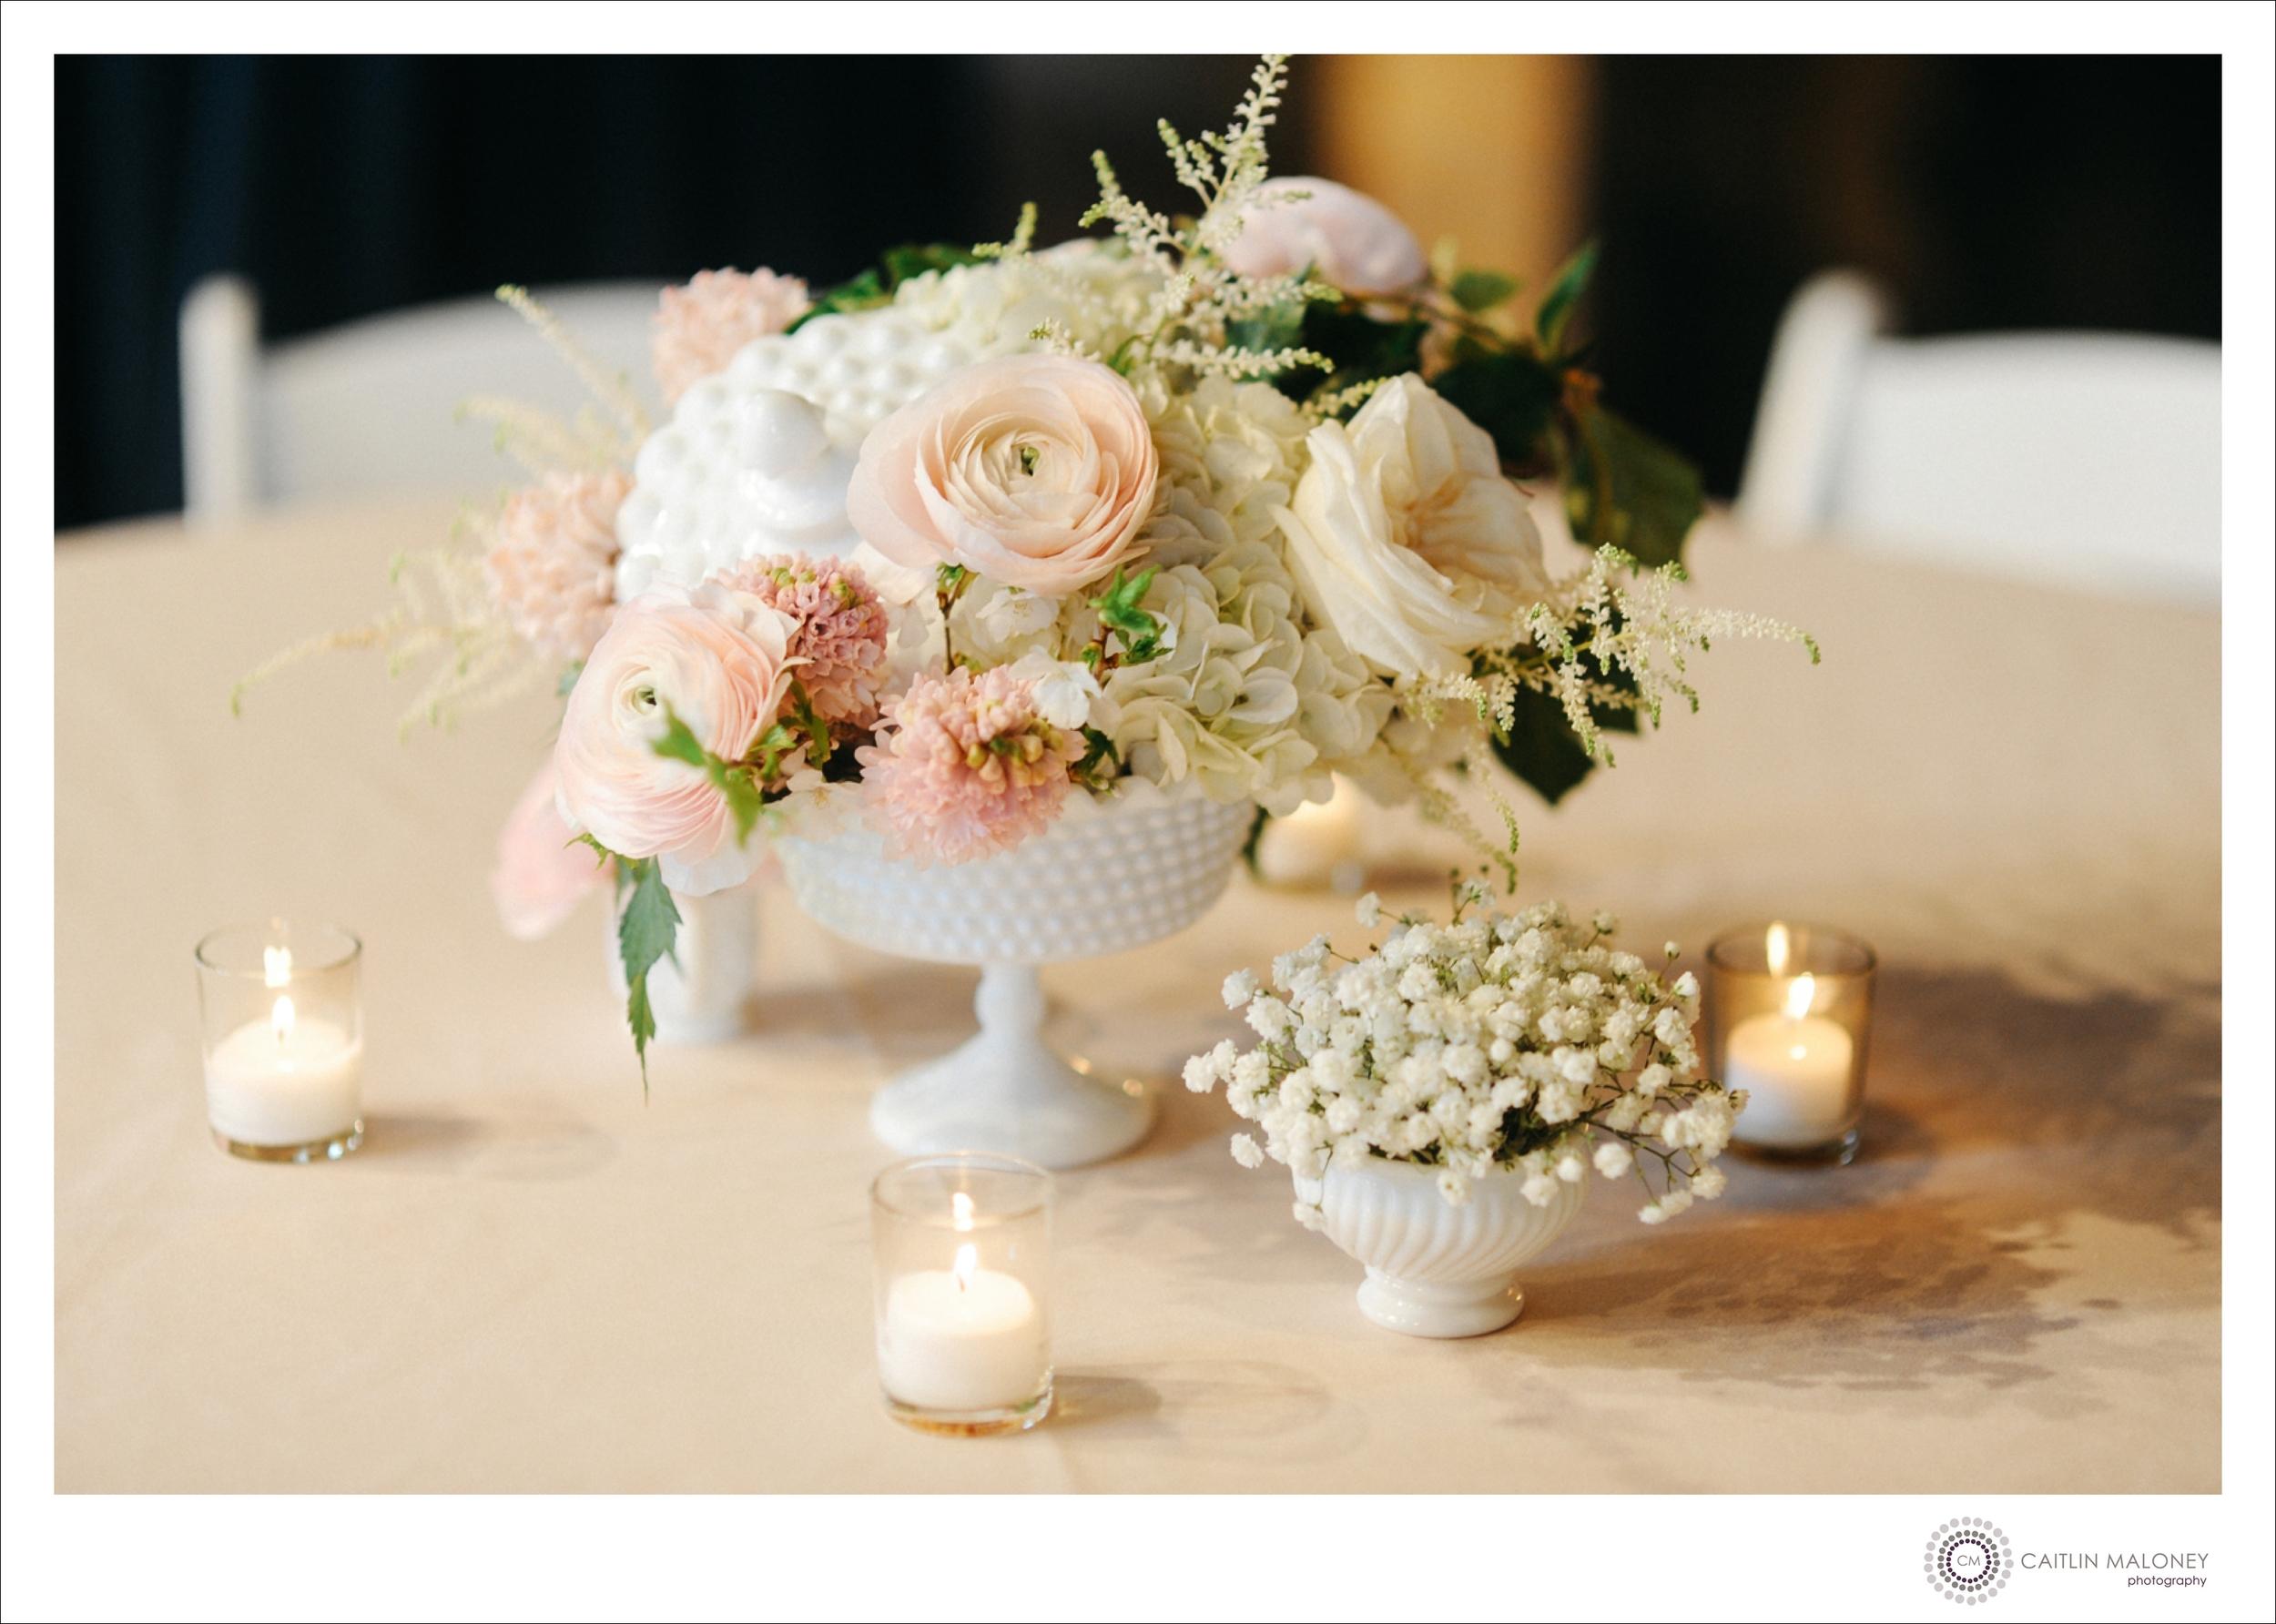 Linden_Place_Wedding_Photos_054.jpg